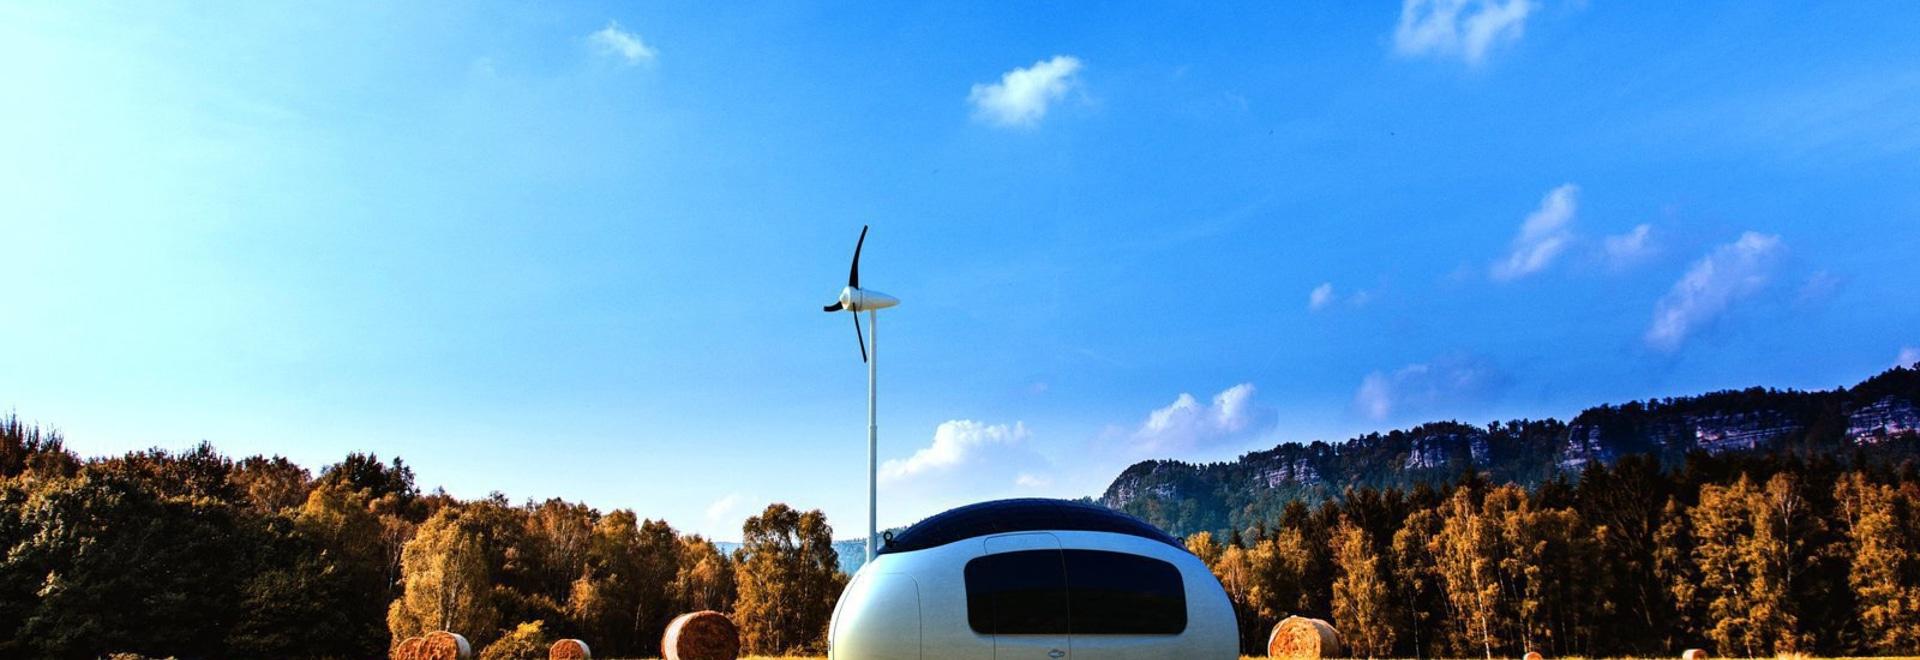 È possibile acquistare finalmente una Micro Home Ecocapsule negli Stati Uniti.